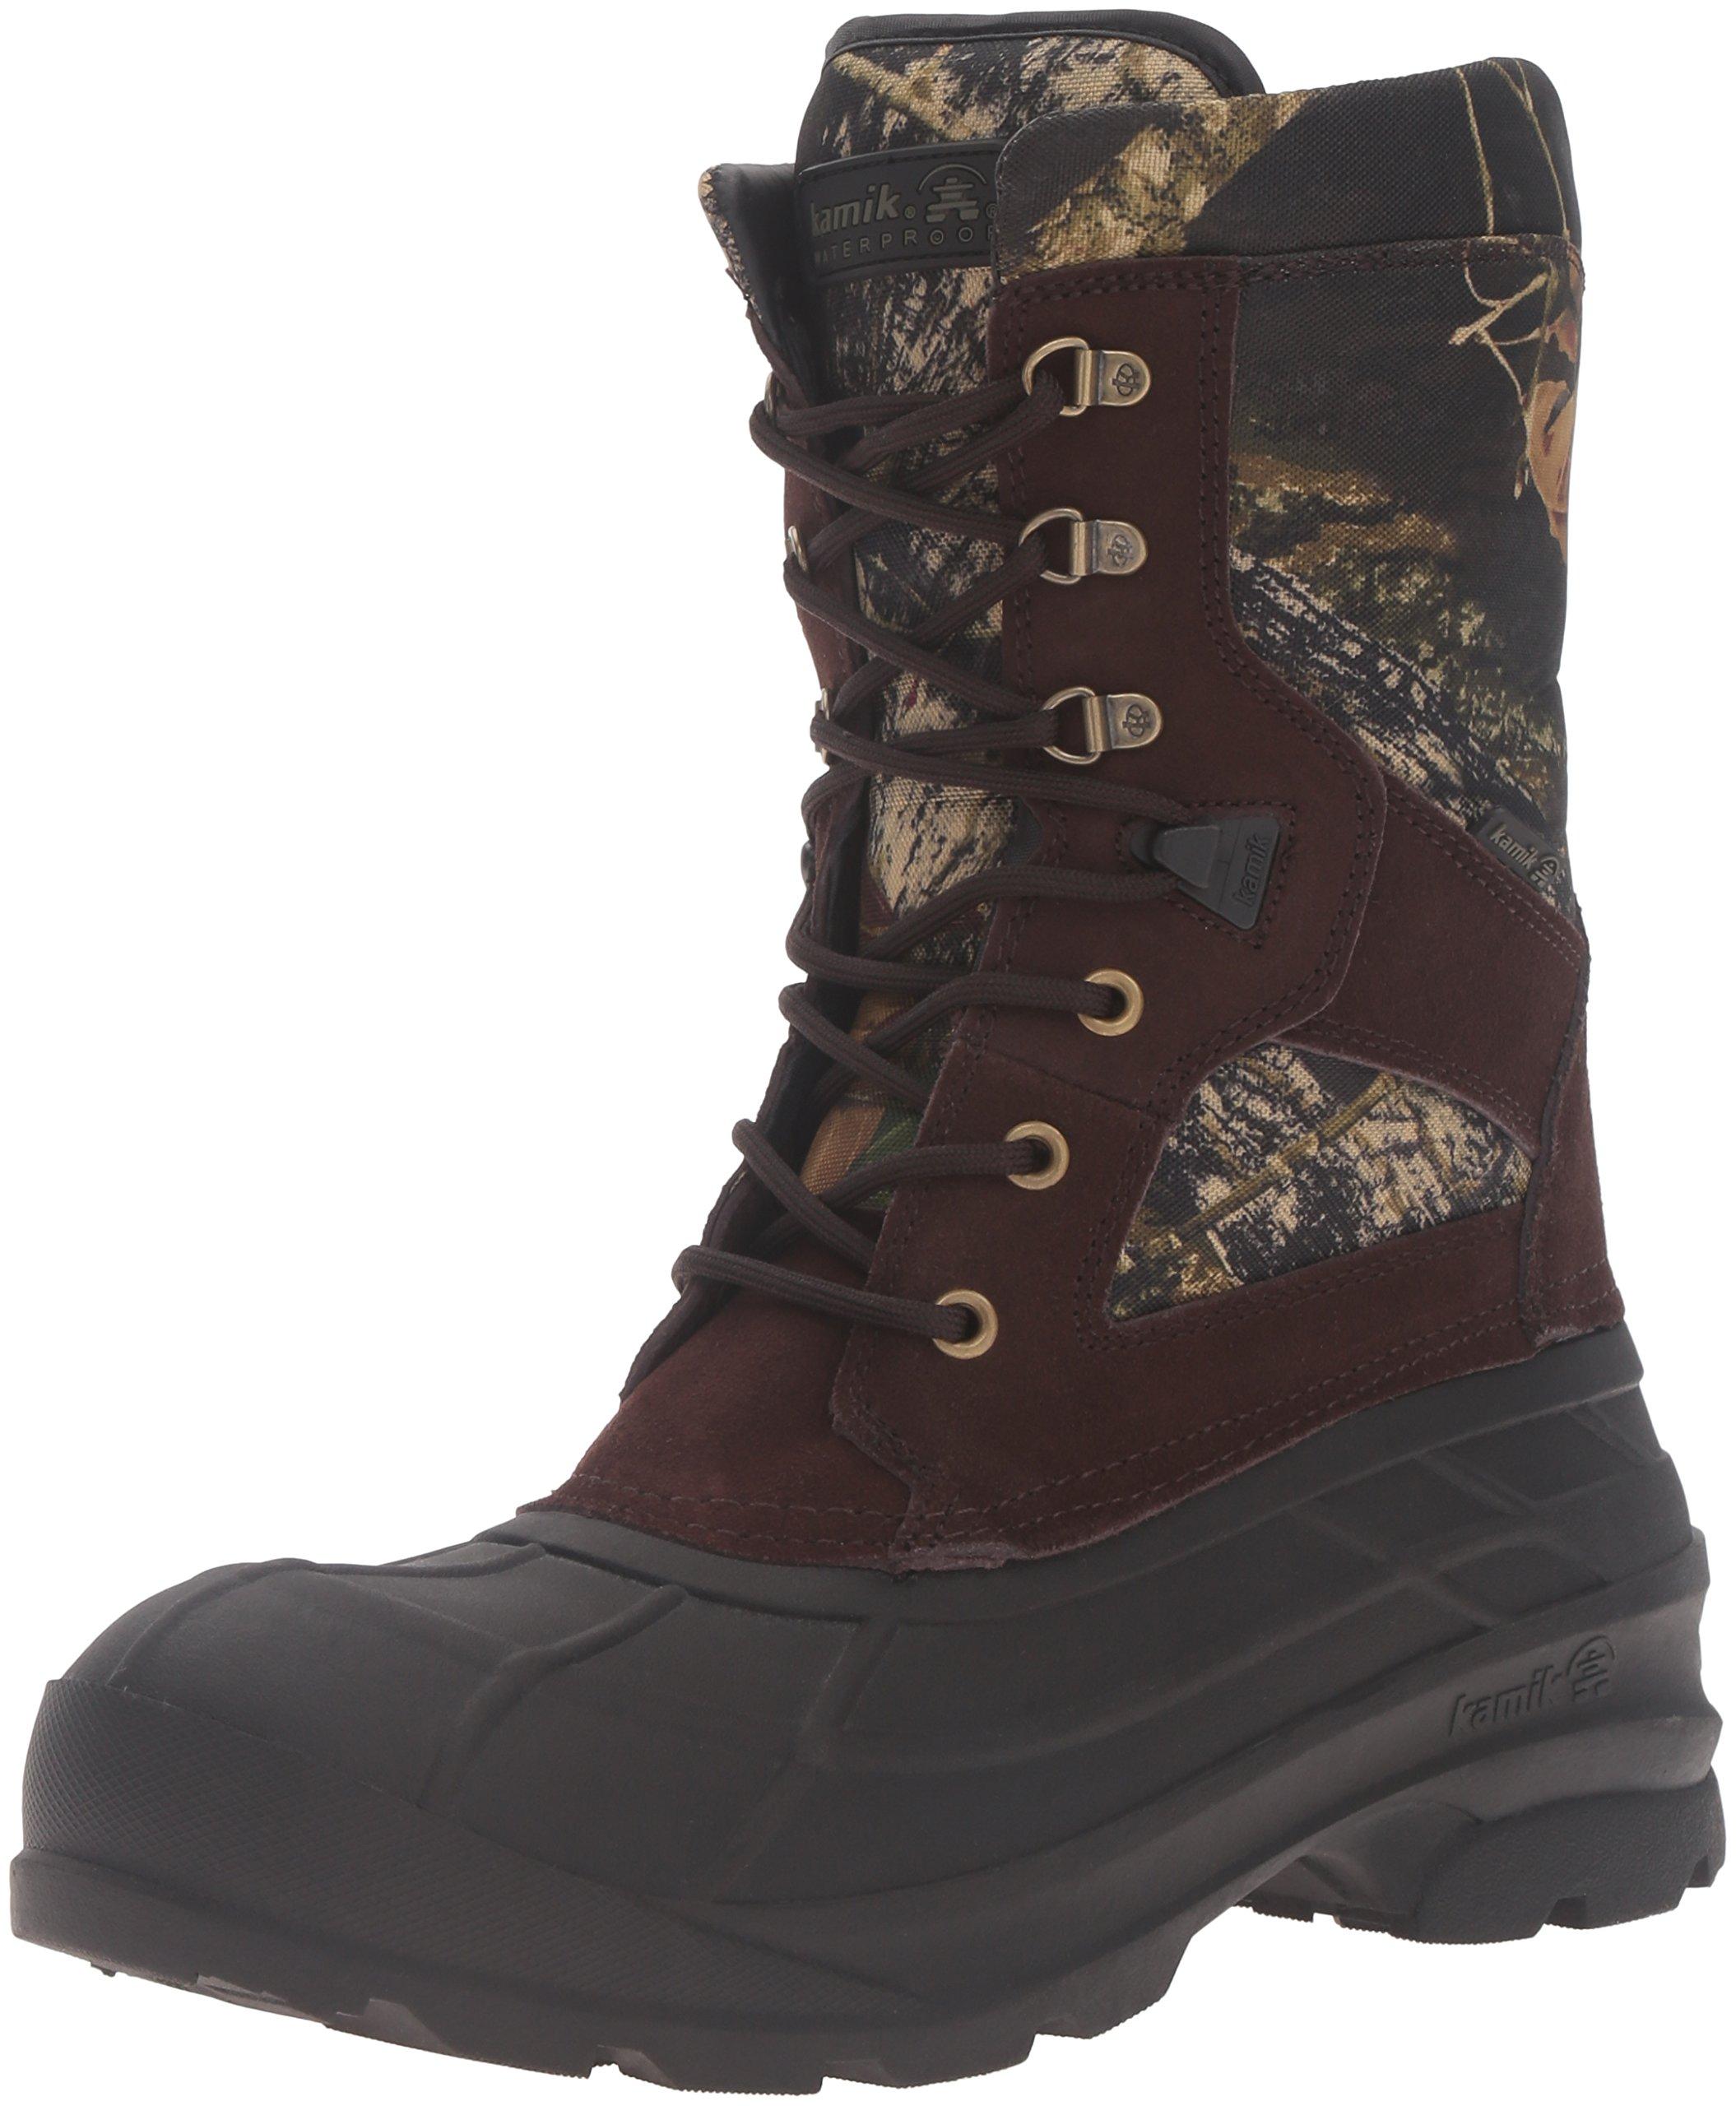 Kamik Men's NationCam2 Snow Boot, Camouflage, 14 D US